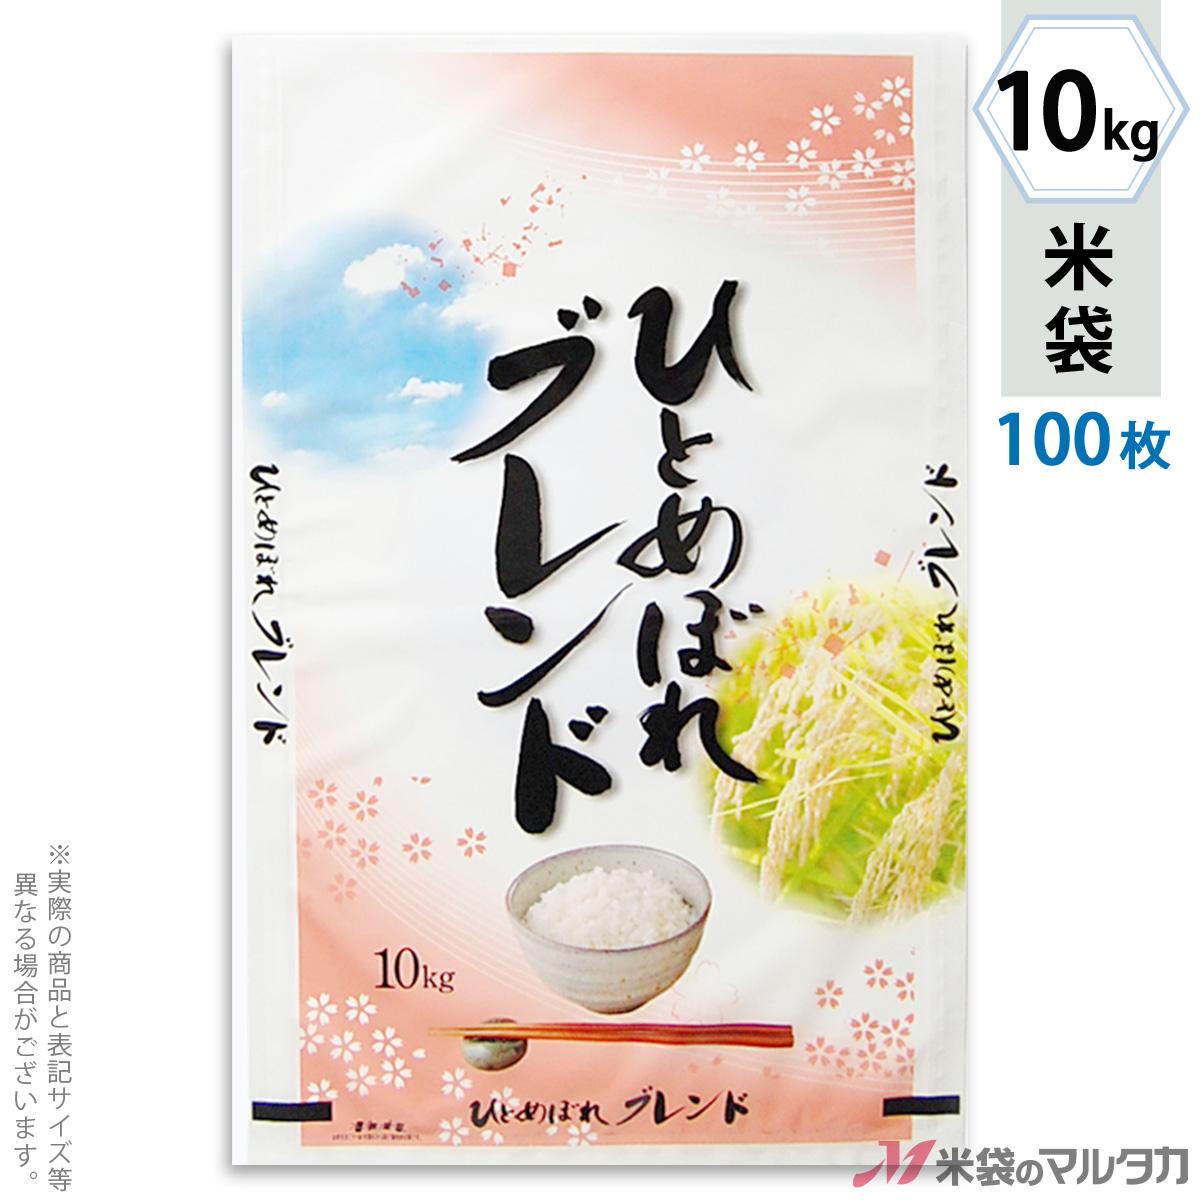 米袋 ラミ フレブレス ひとめぼれブレンド 合わせ上手 10kg 100枚セット MN-0062